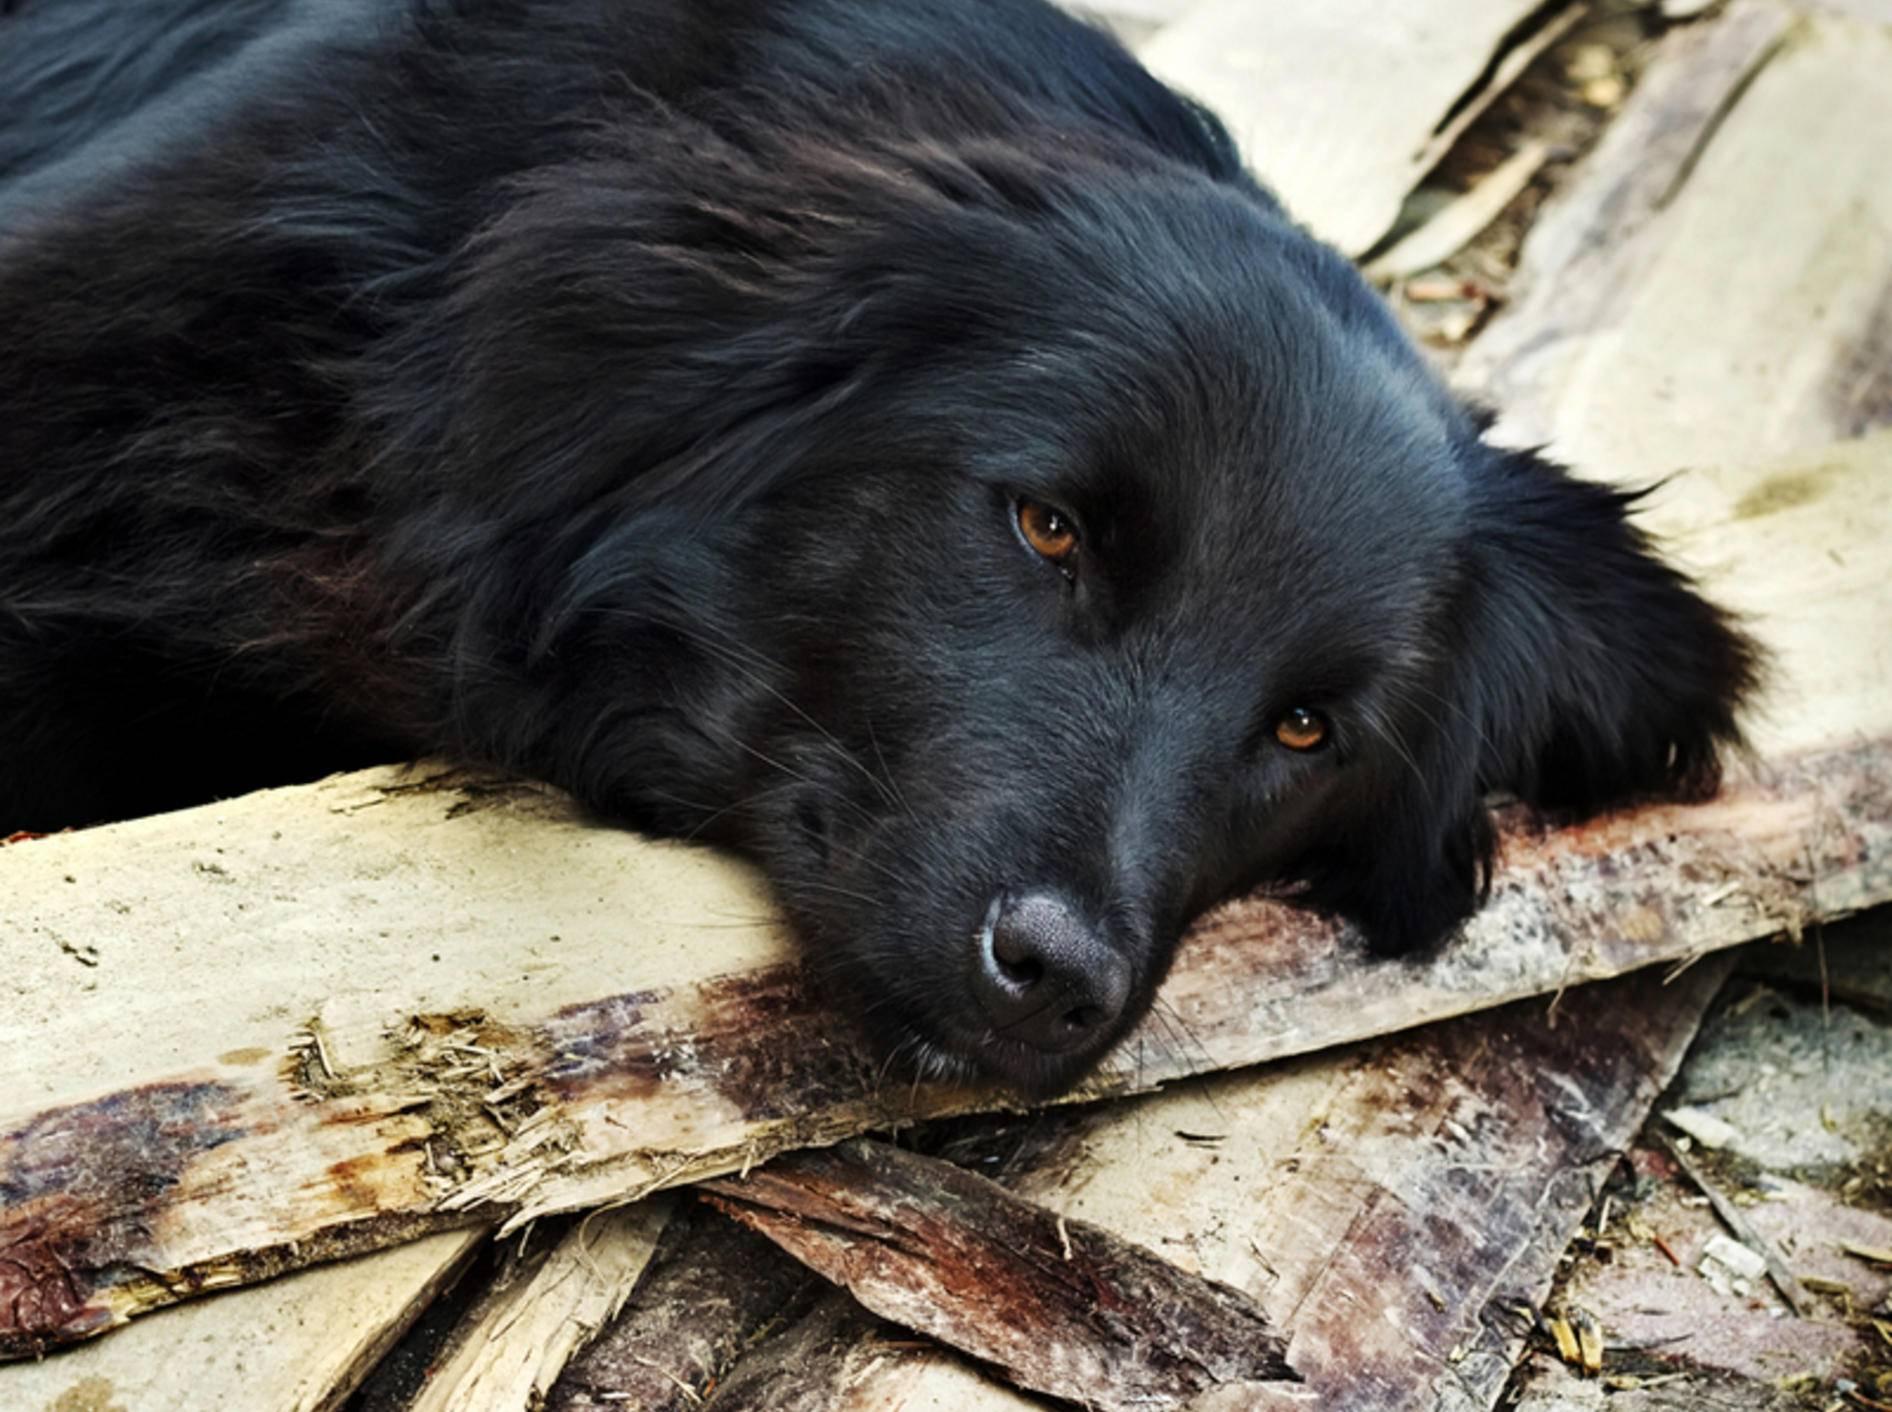 Ein Hund mit einem Schock wirkt apathisch – Bild: Shutterstock / Kosobu